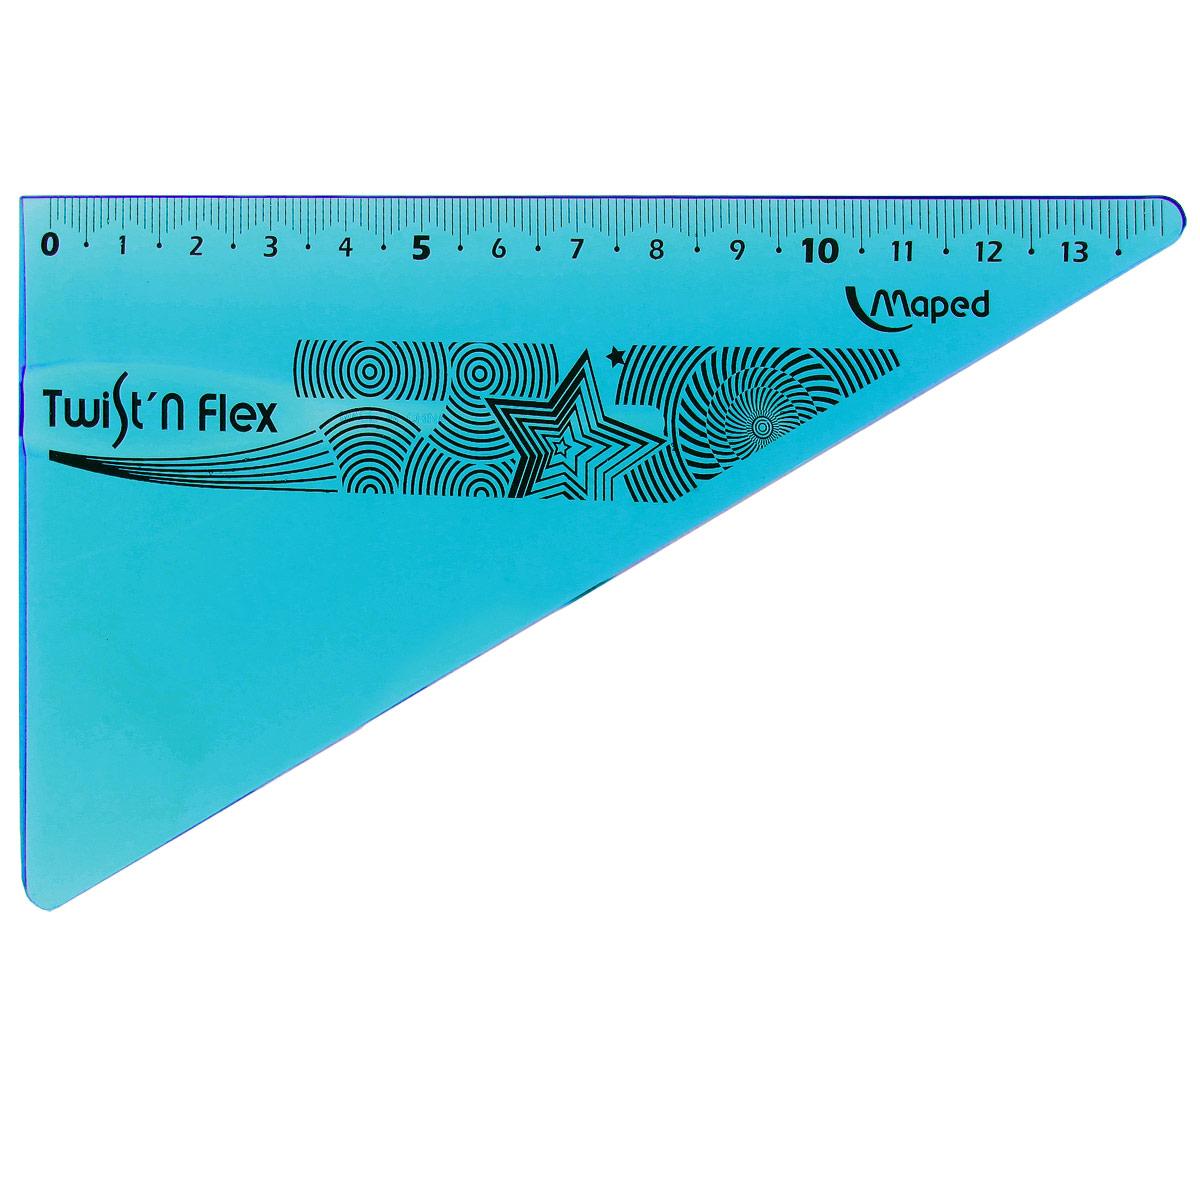 Угольник Maped Twist-n-Flex, неломающийся, 14 см, цвет: синий72523WDГибкий неломающийся угольник Maped - это не только необходимый в учебе предмет, но и легкий способ привлечь ребенка к процессу обучения. Выполнен из прозрачного цветного пластика с ровной четкой миллиметровой шкалой делений до 14 см.Характеристики:Длина: 14 см.Угол: 60 градусов. Характеристики:Длина: 14 см. Угол: 60 градусов.